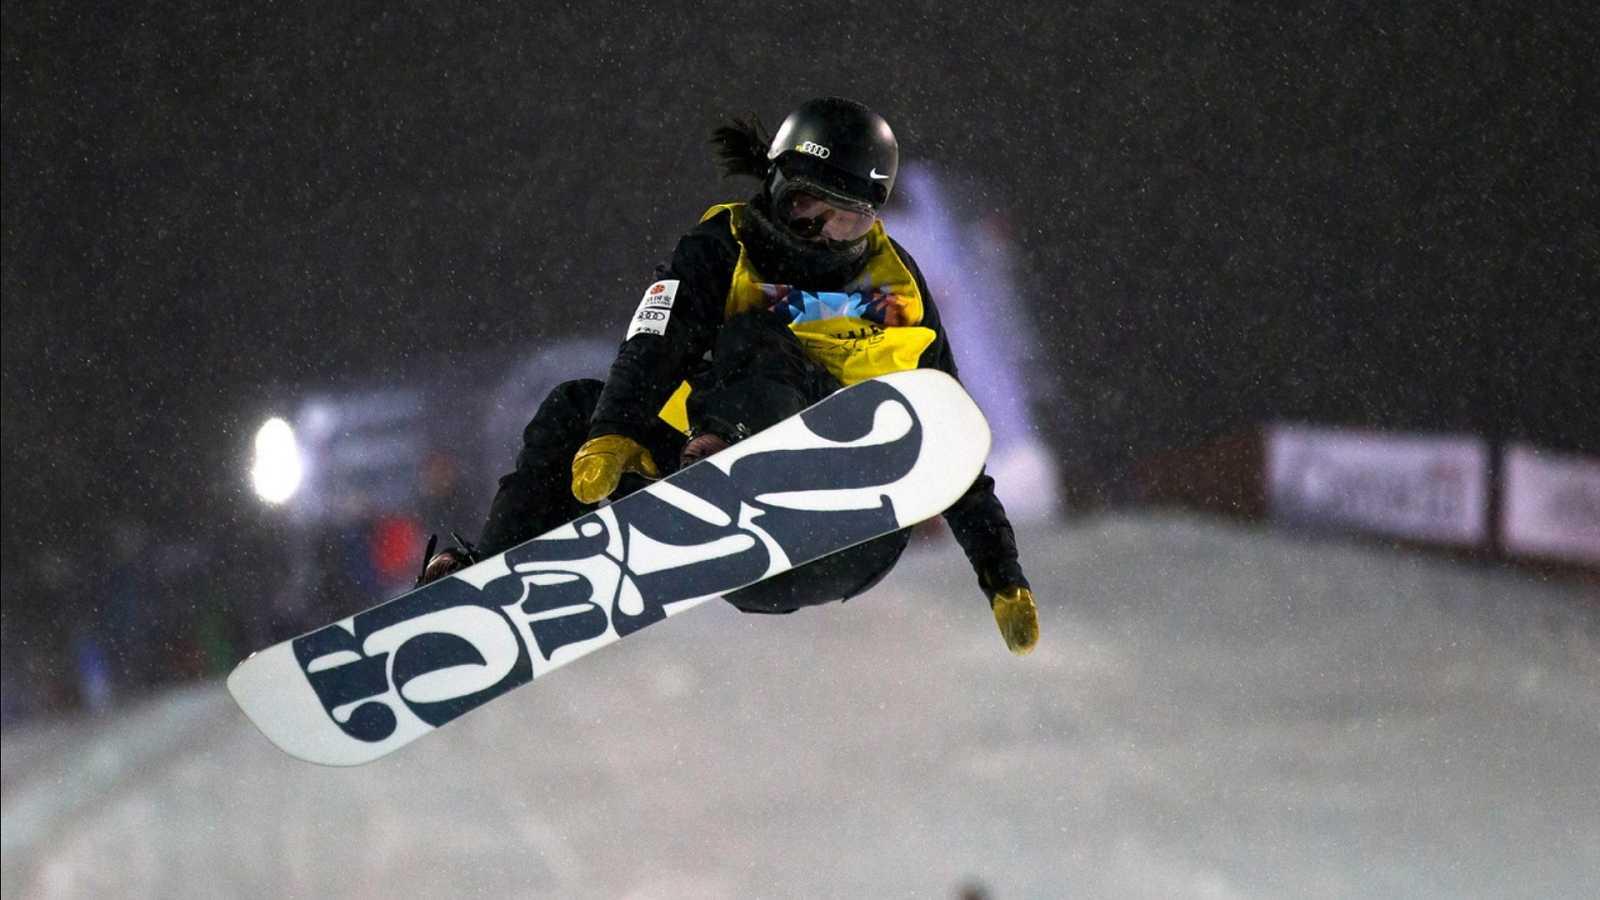 Snowboard - Copa del Mundo 2018/2019 Finales Halfpipe prueba Calgary - ver ahora